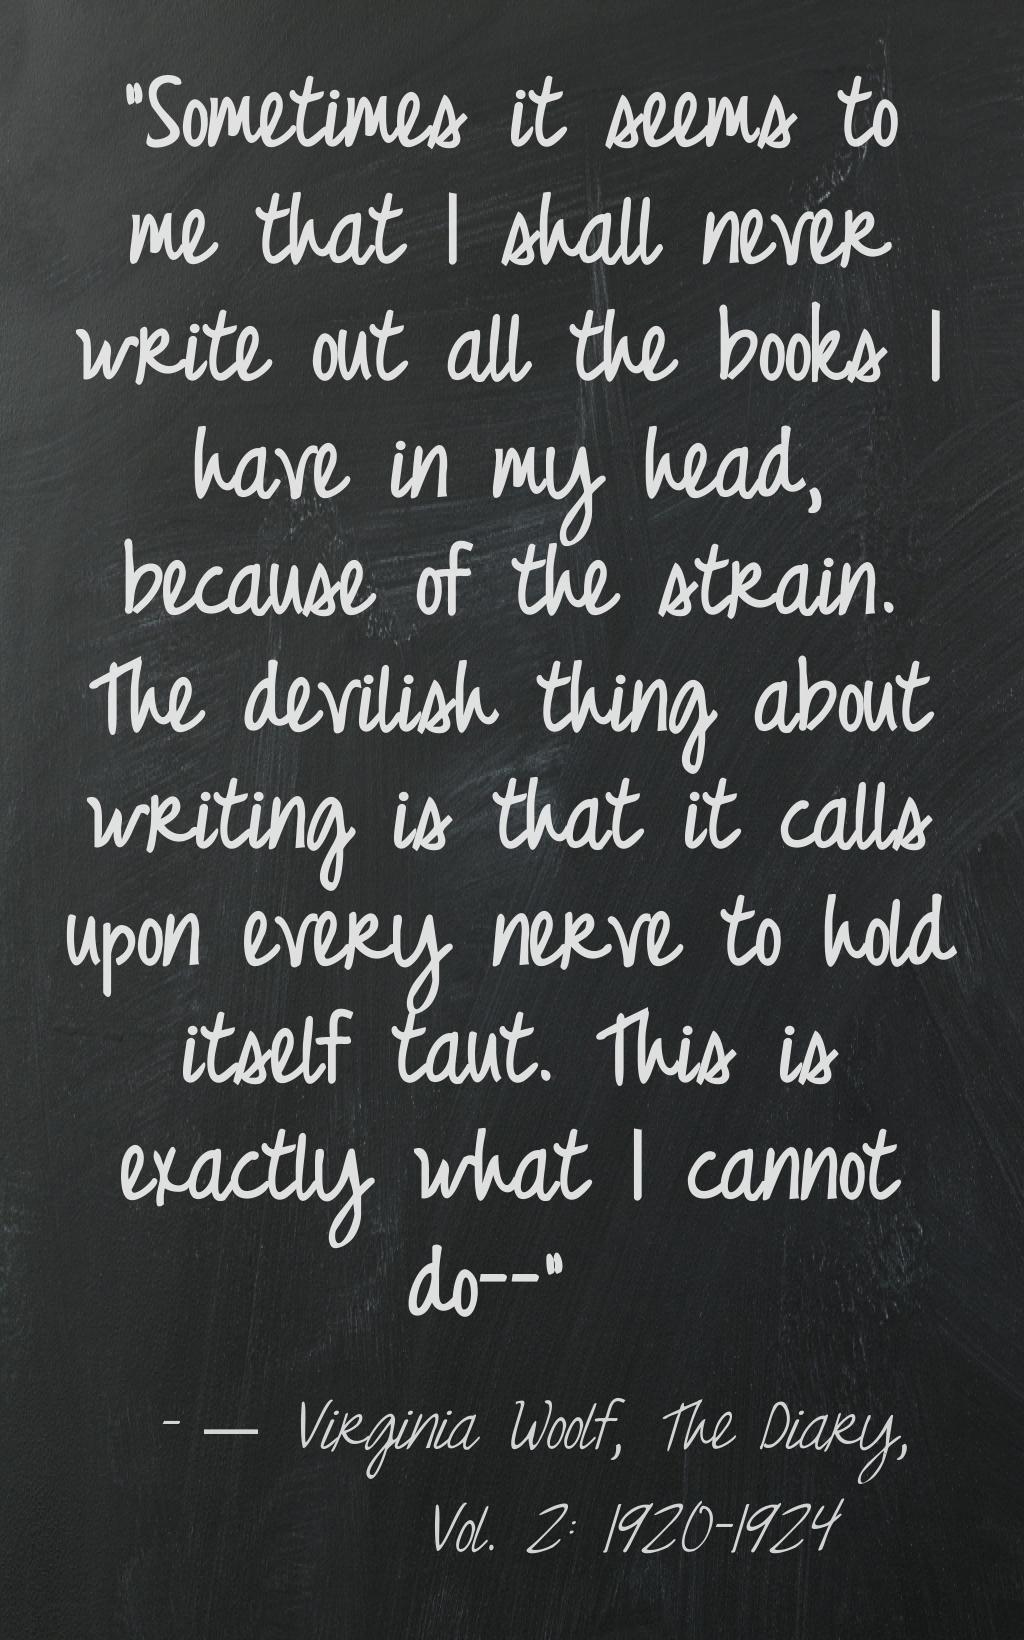 Virginia Woolf Biography